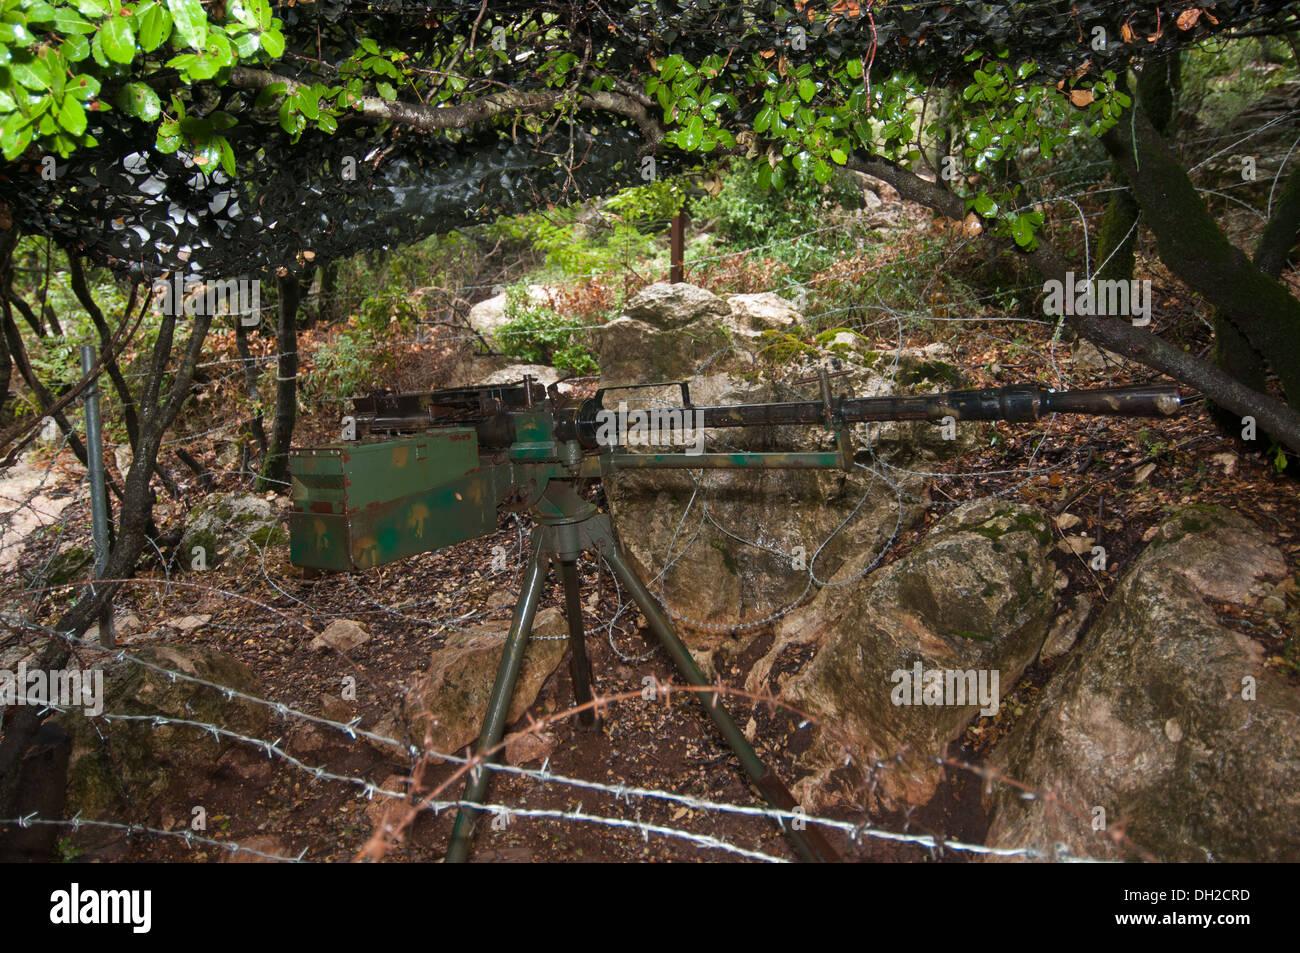 The KPV-14.5 heavy machine gun is a Soviet designed 14.5x114mm-caliber heavy machine gun, Mleeta, Hezbollah Museum, South Lebano - Stock Image